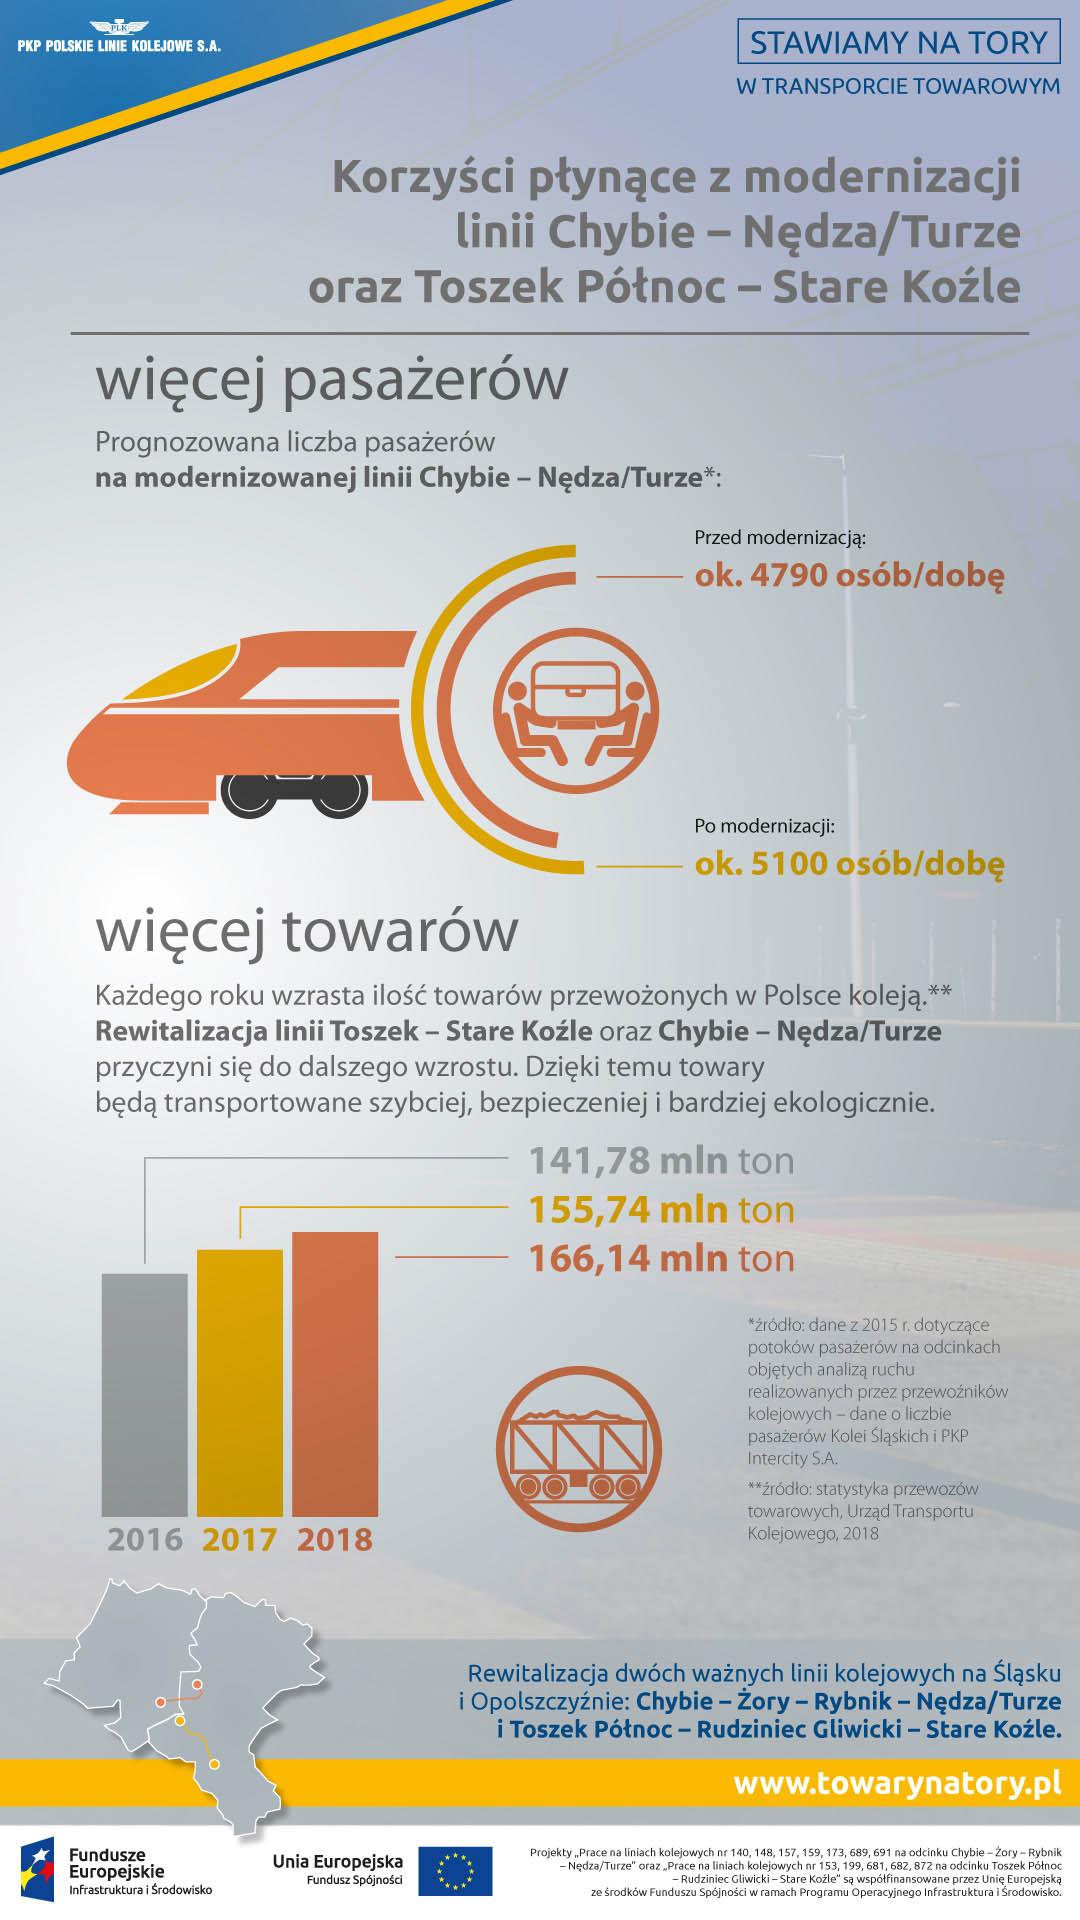 Infografika pokazuje korzyści płynące z modernizacji. Przed modernizacją podróżowało 4790 osób na dobę, po modernizacji liczba ta zwiększy się do pięciu tysięcy stu.  Liczba tworów transportowanych tą linią w dwa tysiące szesnastym roku to 141 milinów a w dwa tysiące osiemnastym jest to już 166 milionów.